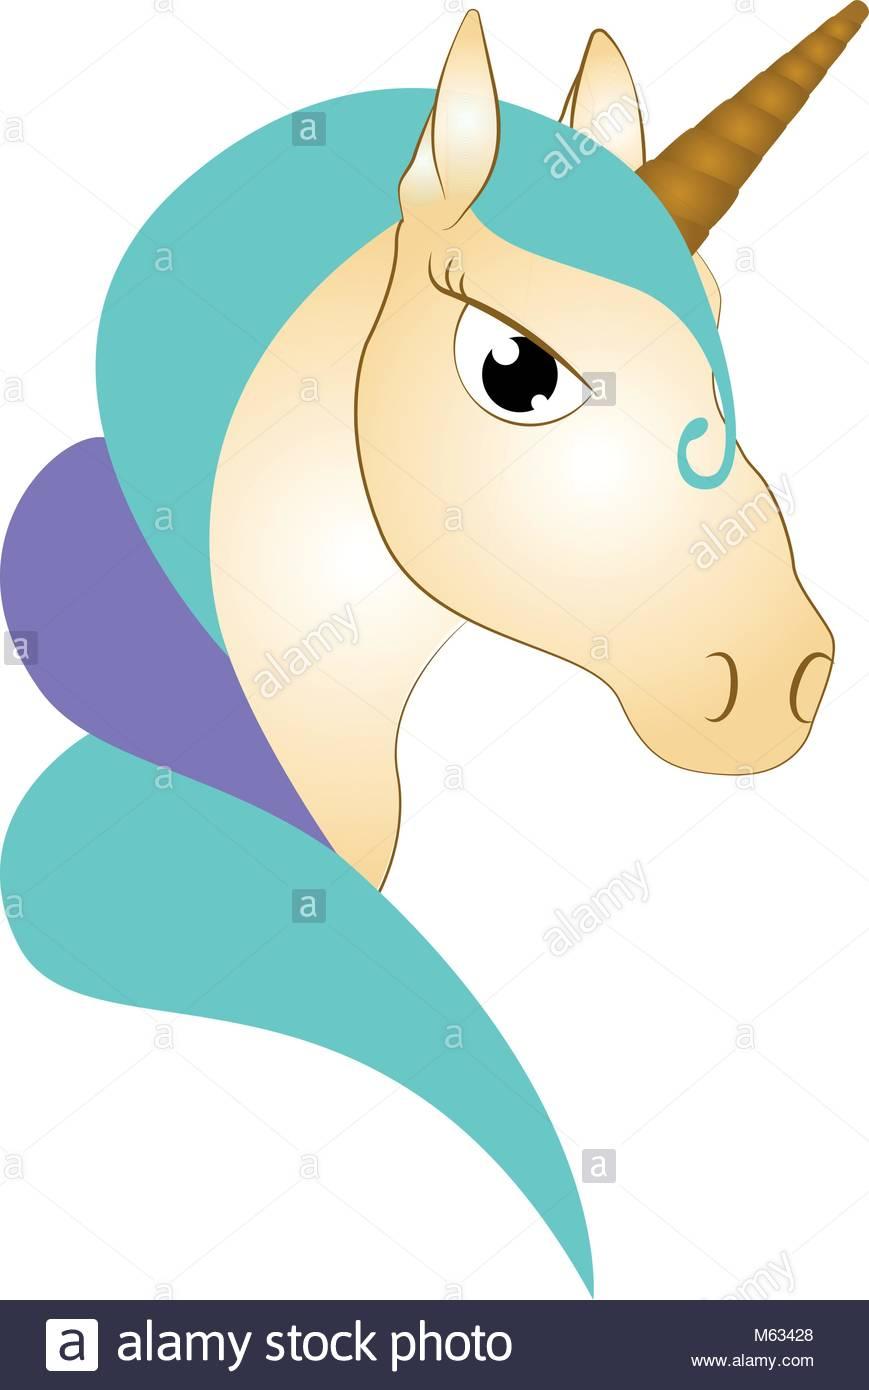 Ver más ideas sobre dibujos de unicornios, fotos de unicornios, unicornio. Dibujos de unicornios fáciles y bonitos - Fotos de amor